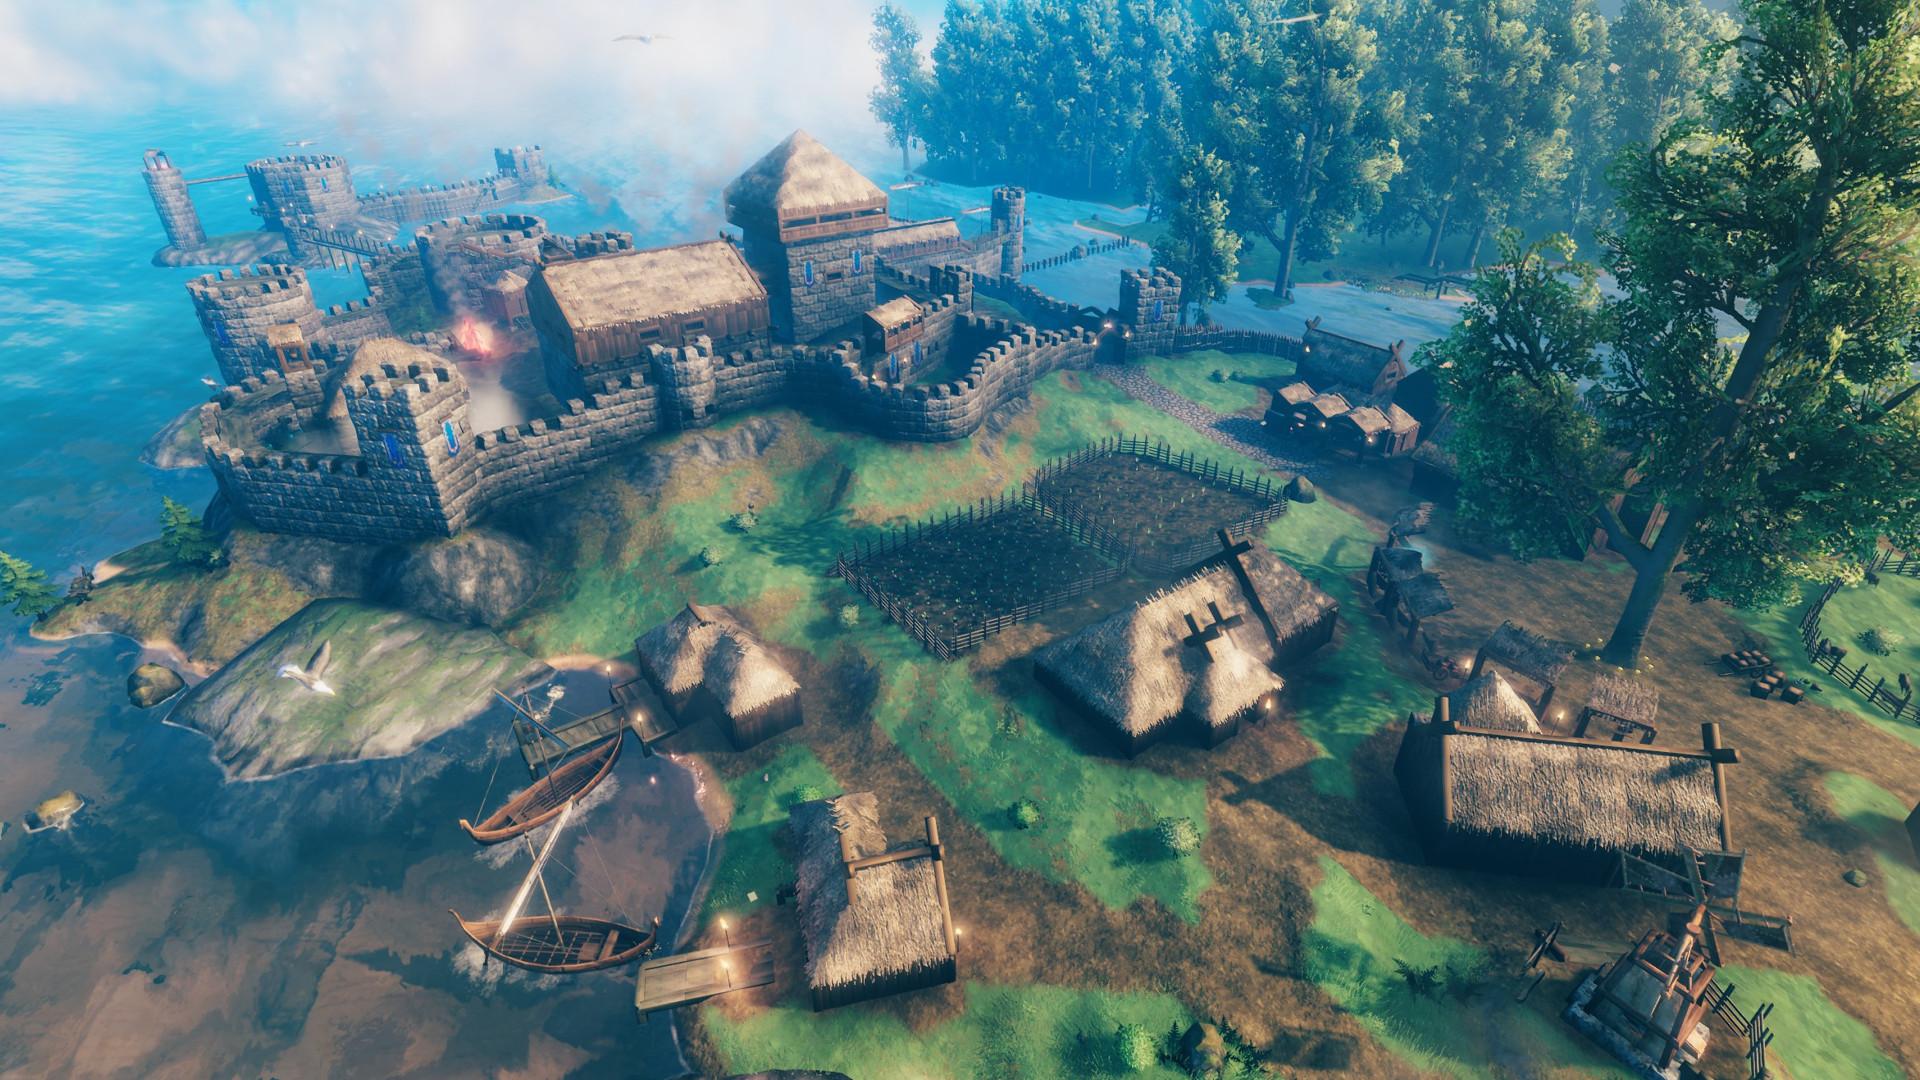 Steam ヴァルヘイム 北欧神話とバイキングがテーマのオープンワールド型探索サバイバルゲーム『ヴァルハイム』早期アクセス版が配信開始。最大10人での協力プレイに対応(電ファミニコゲーマー)